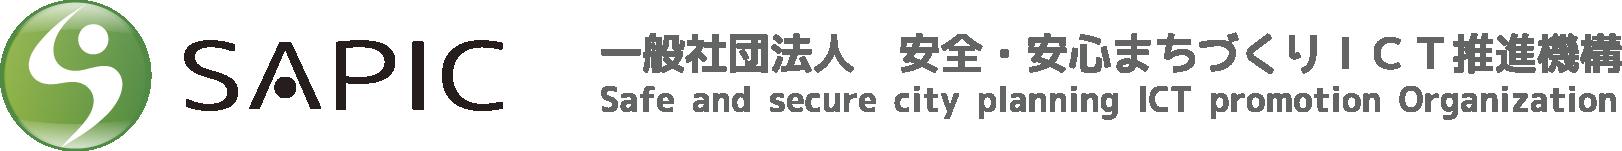 SAPIC logo